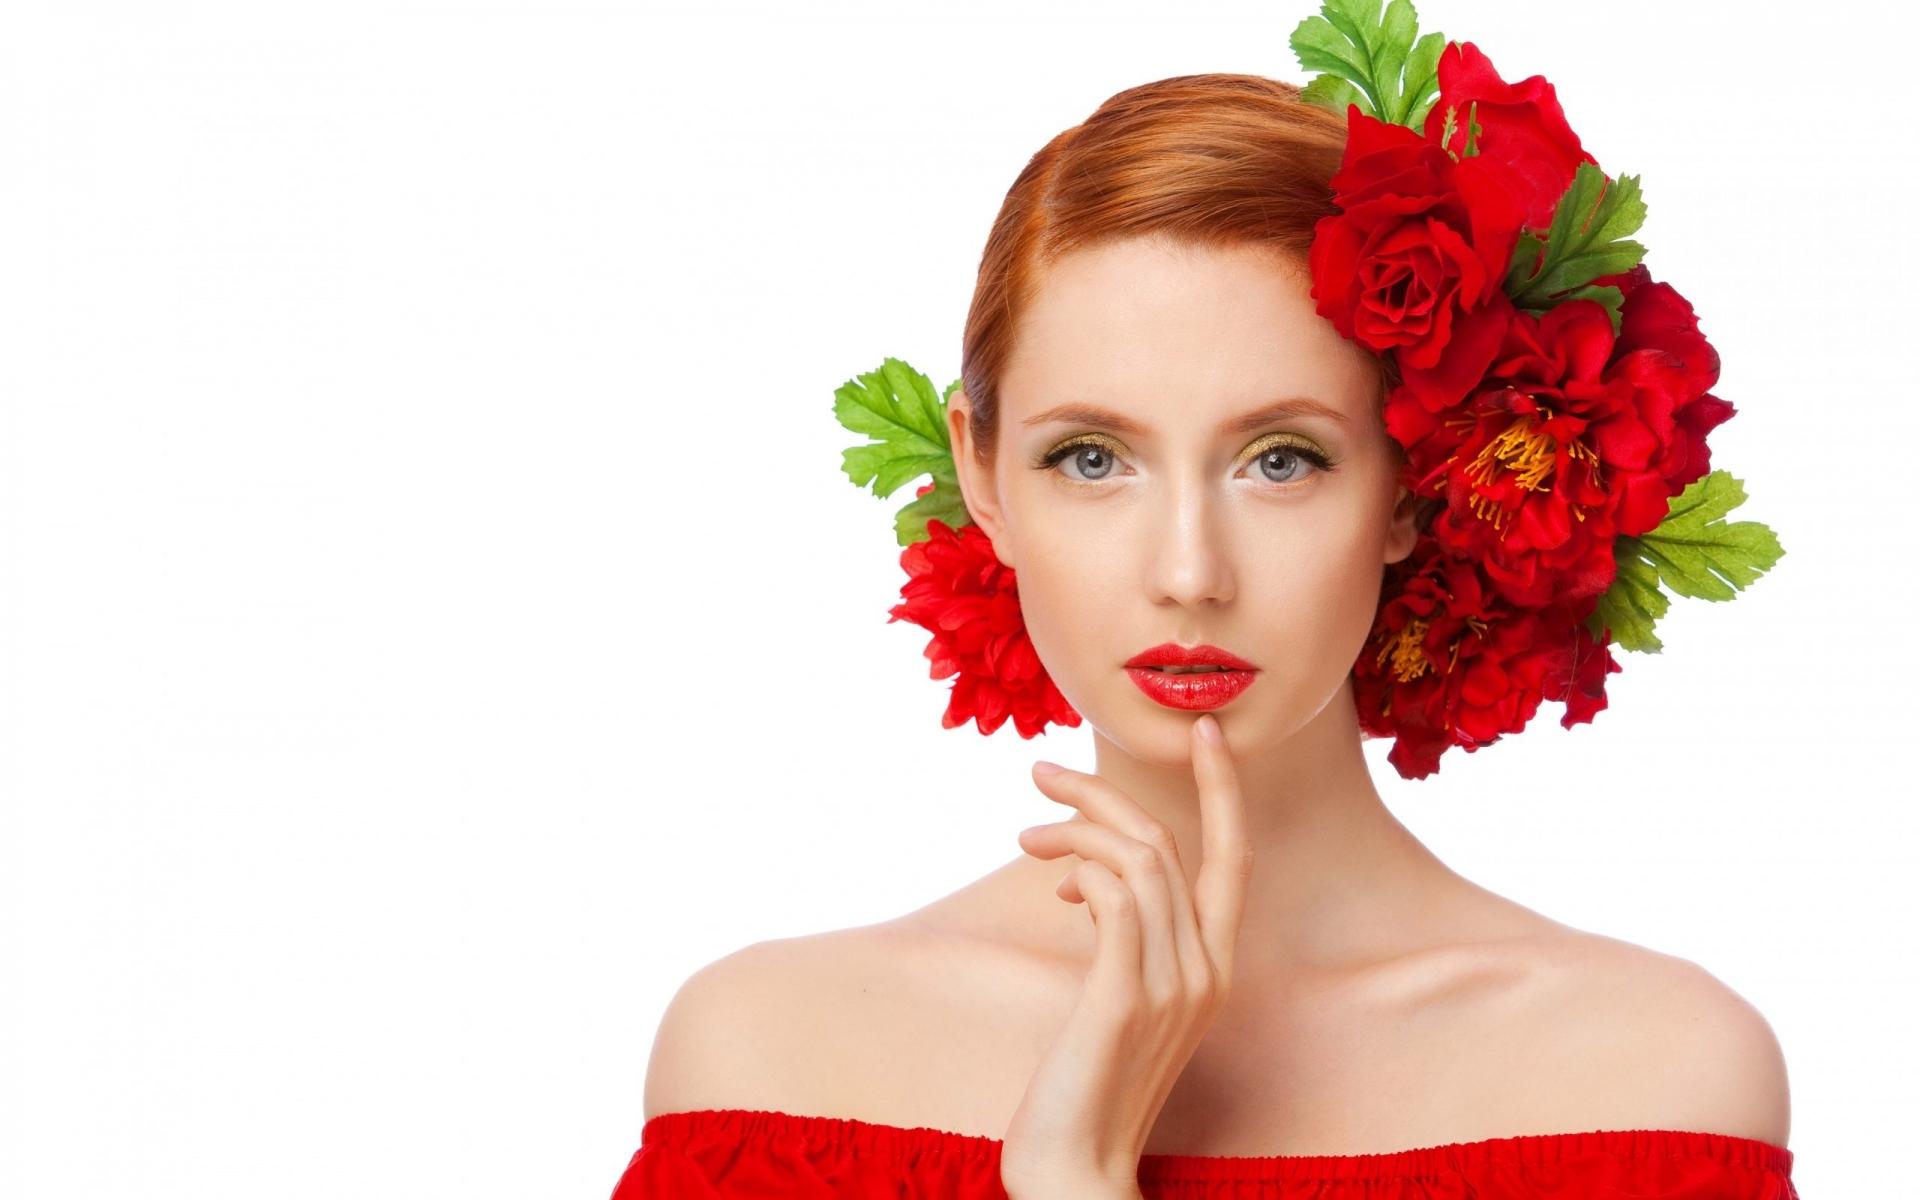 Peinado con rosas rojas - 1920x1200